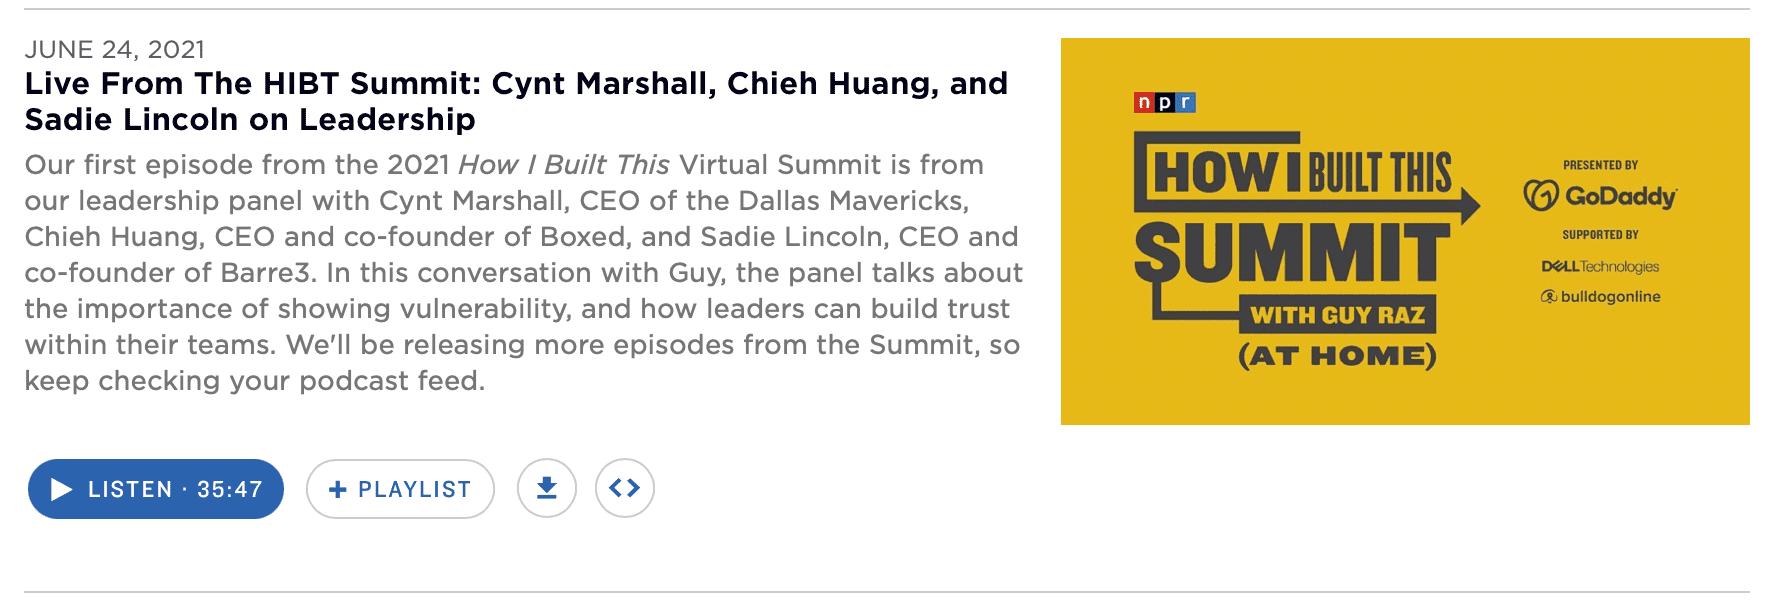 A How I Built This episode via NPR